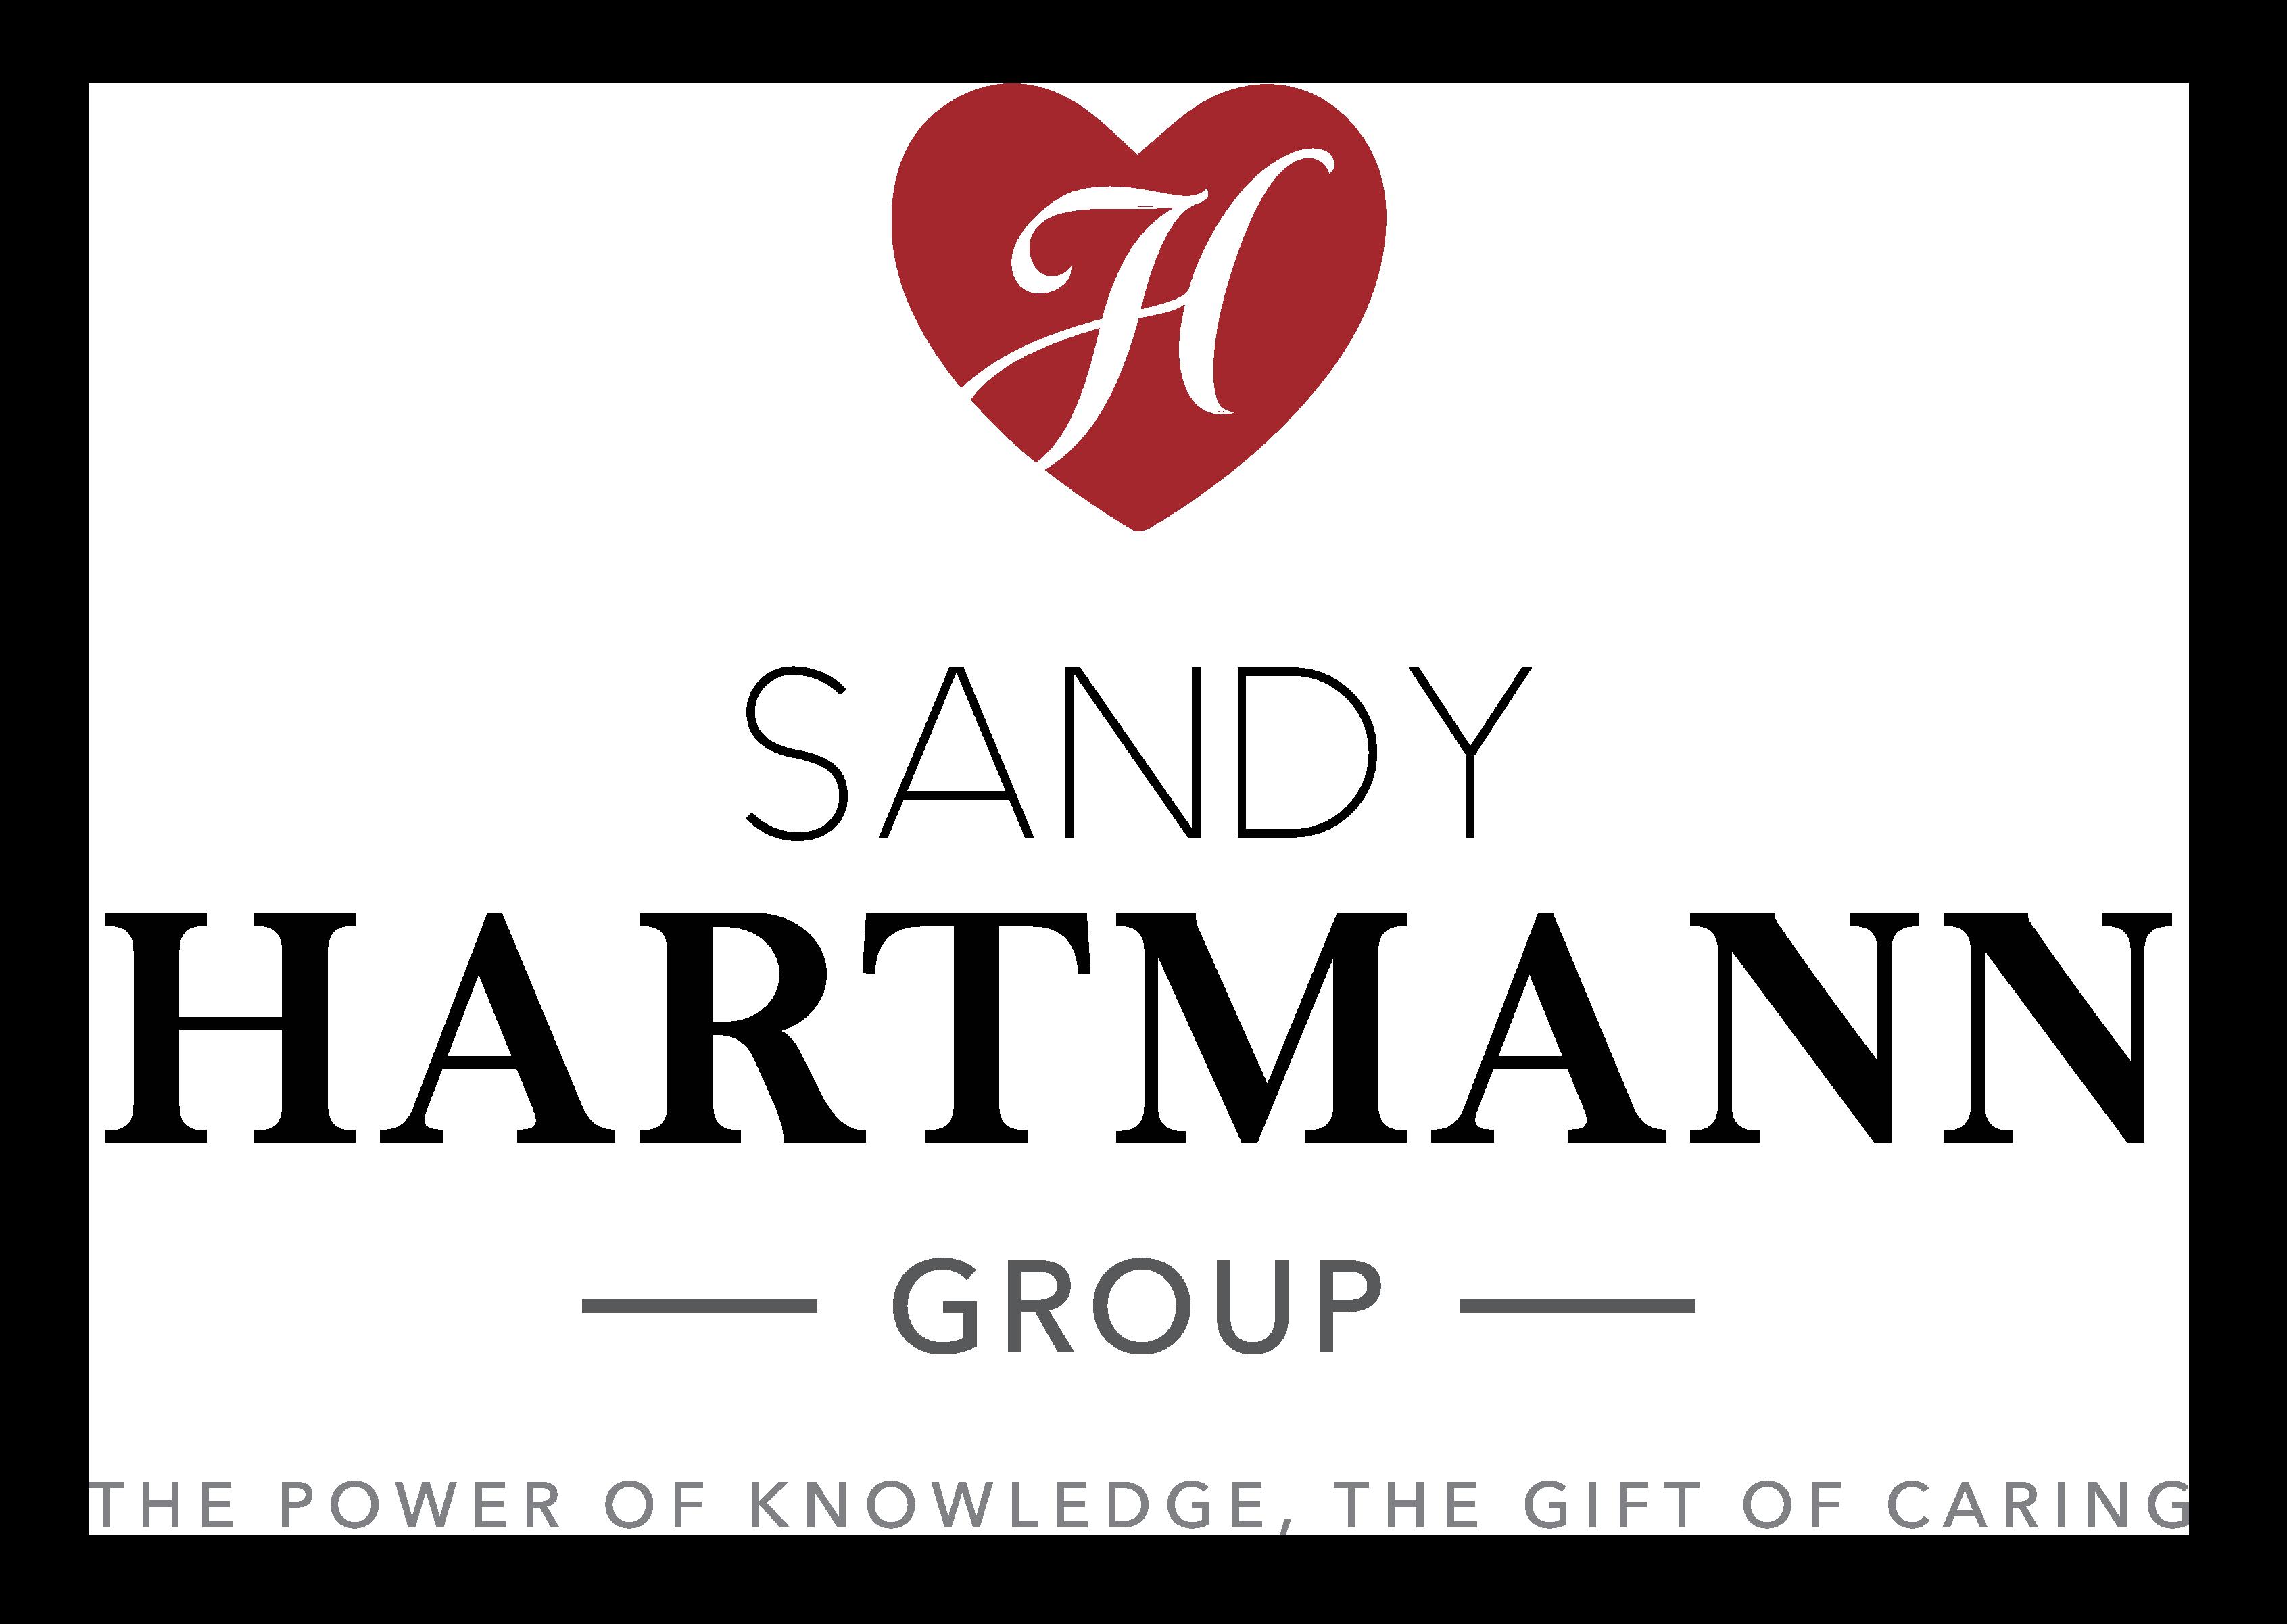 The Sandy Hartmann Group